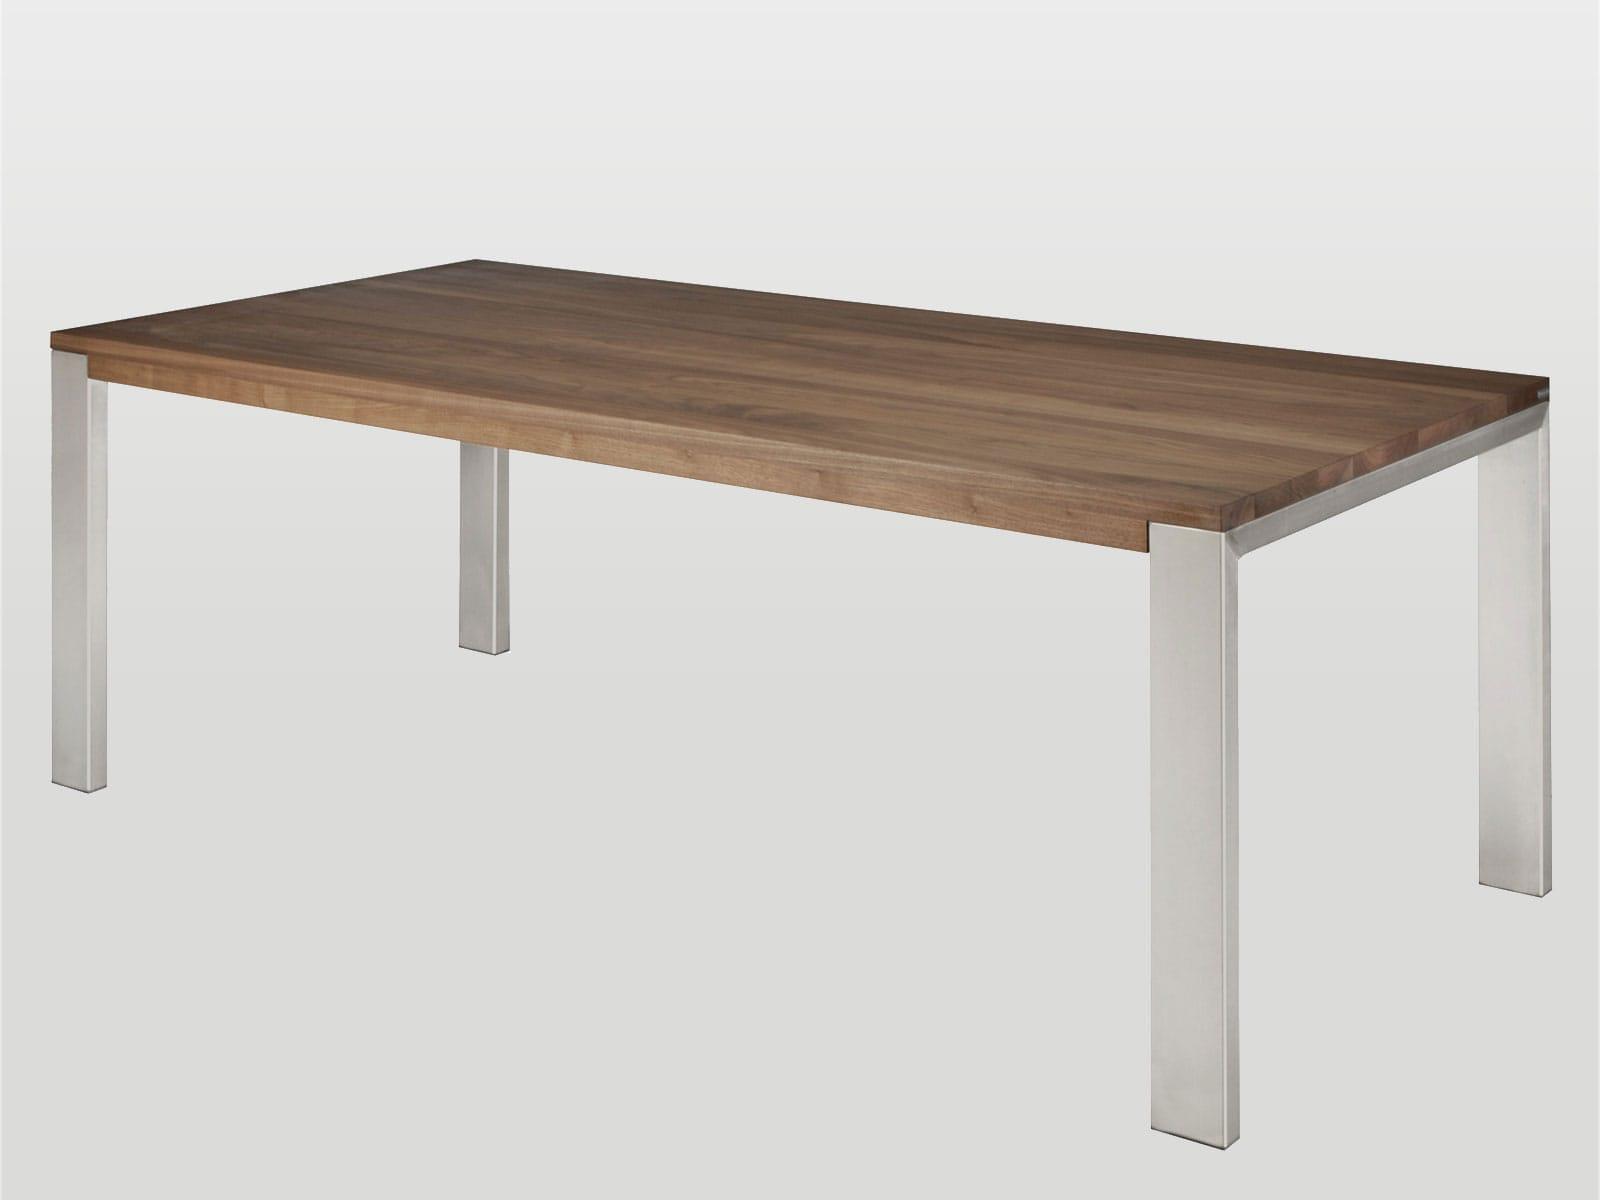 Bert Plantagie Tische Bridge Tisch mit Holzplatte